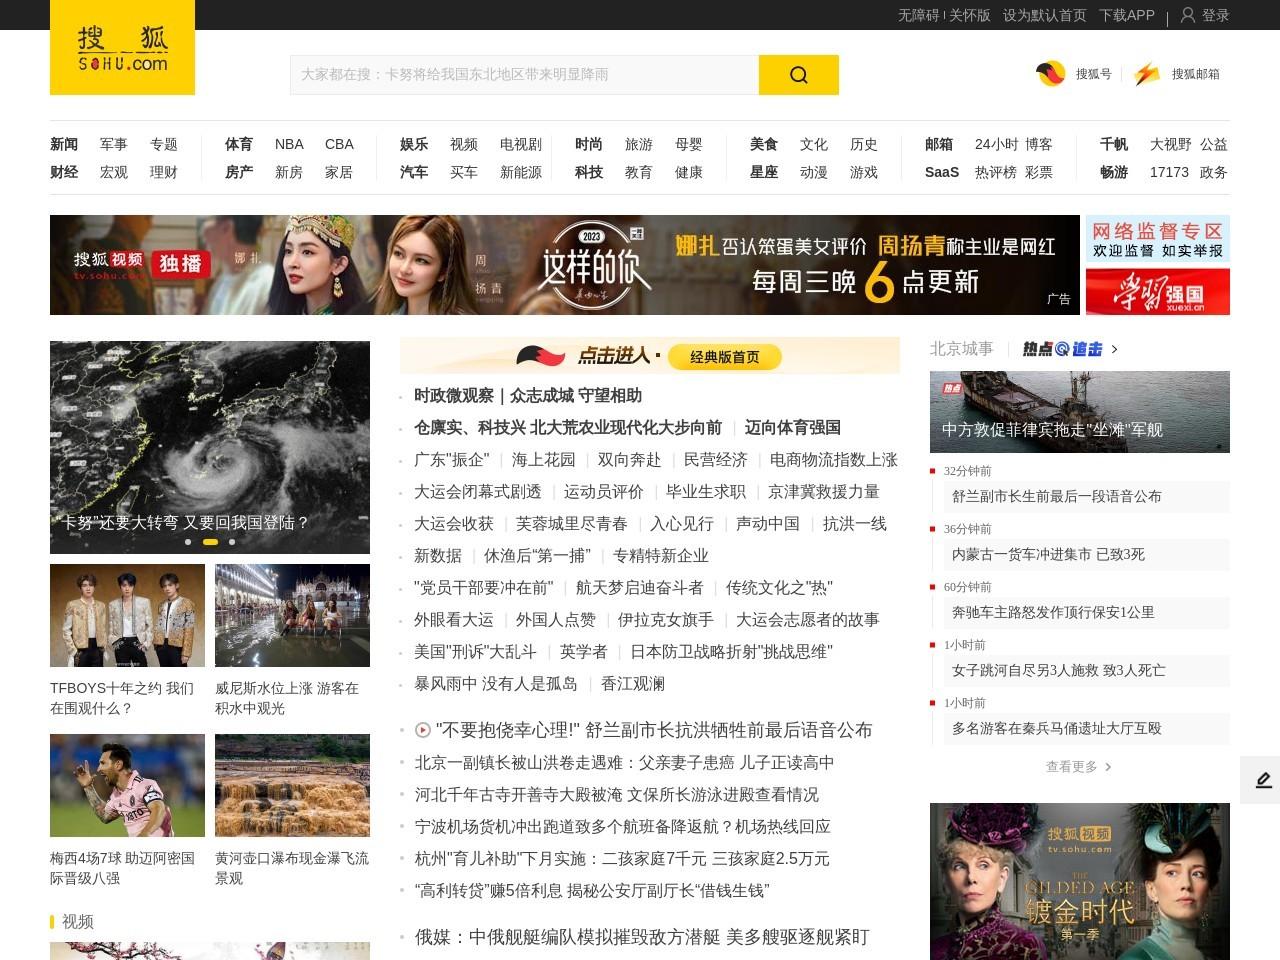 中国品牌抢眼/豪华品牌依旧强势 一季度上市新车销量总结点评之红榜篇_搜狐汽车_搜狐网